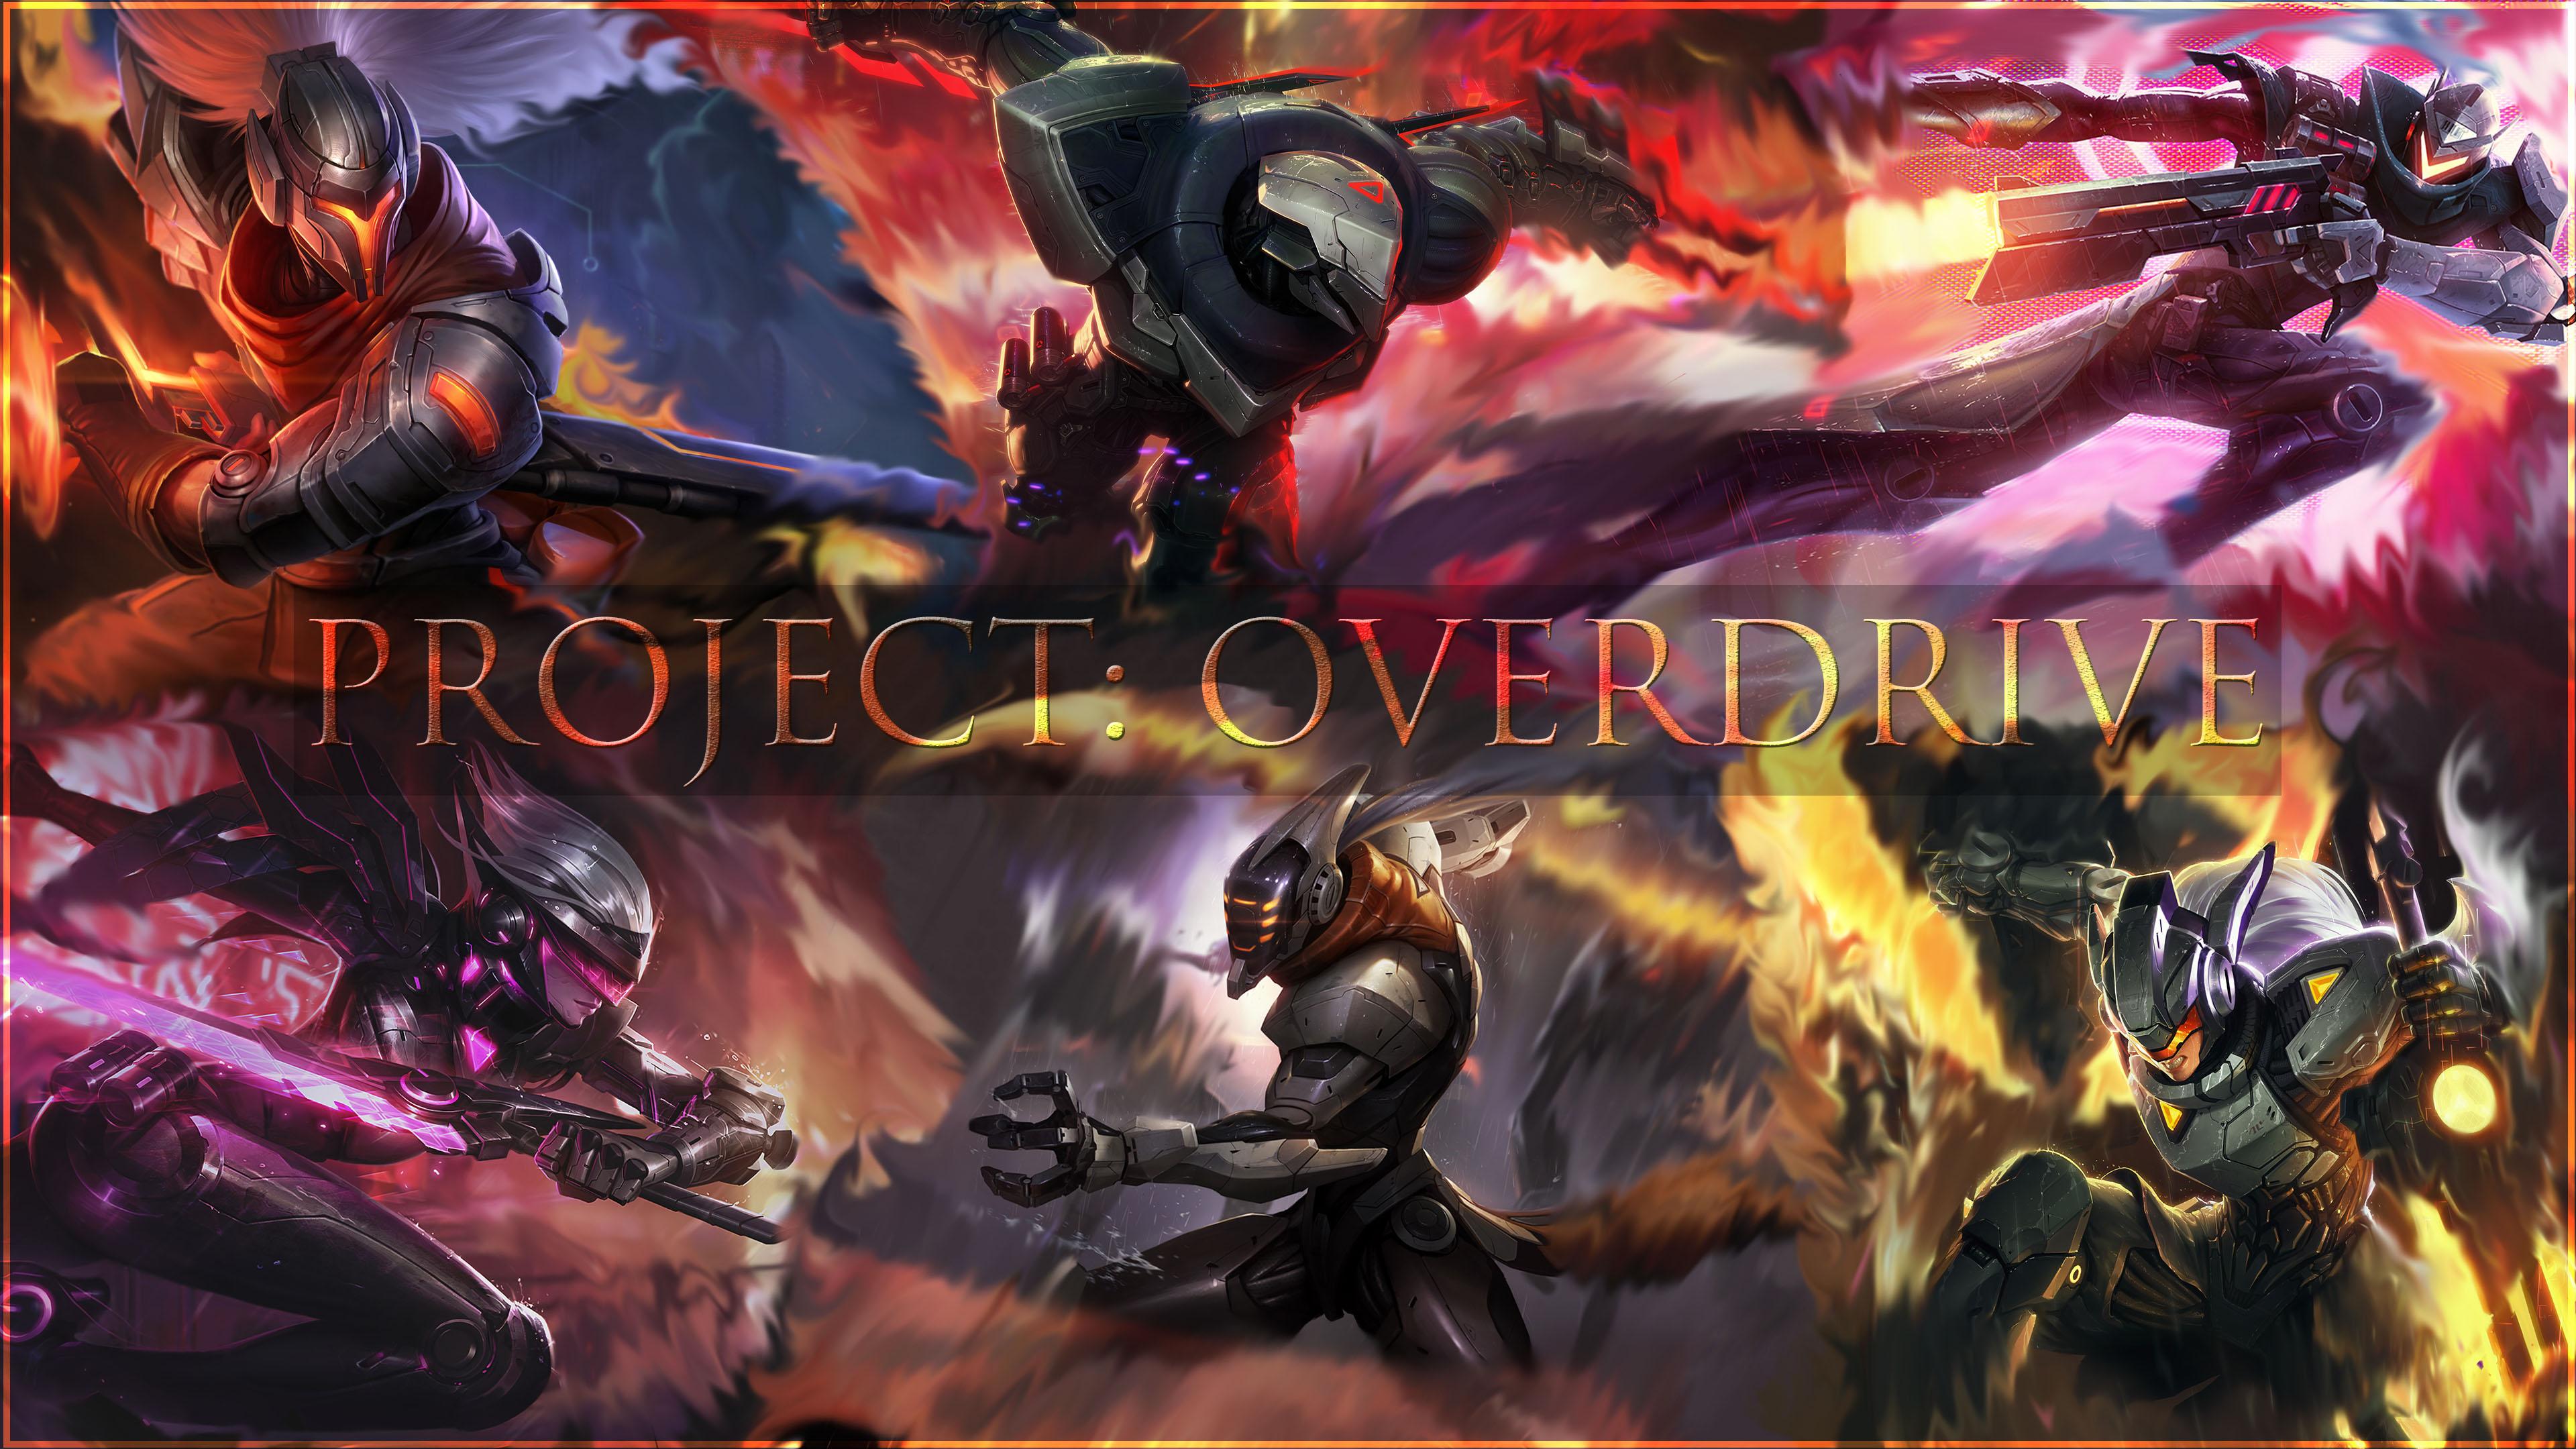 Project Overdrive Wallpaper By Venatorunum Watch Fan Art 3840x2160